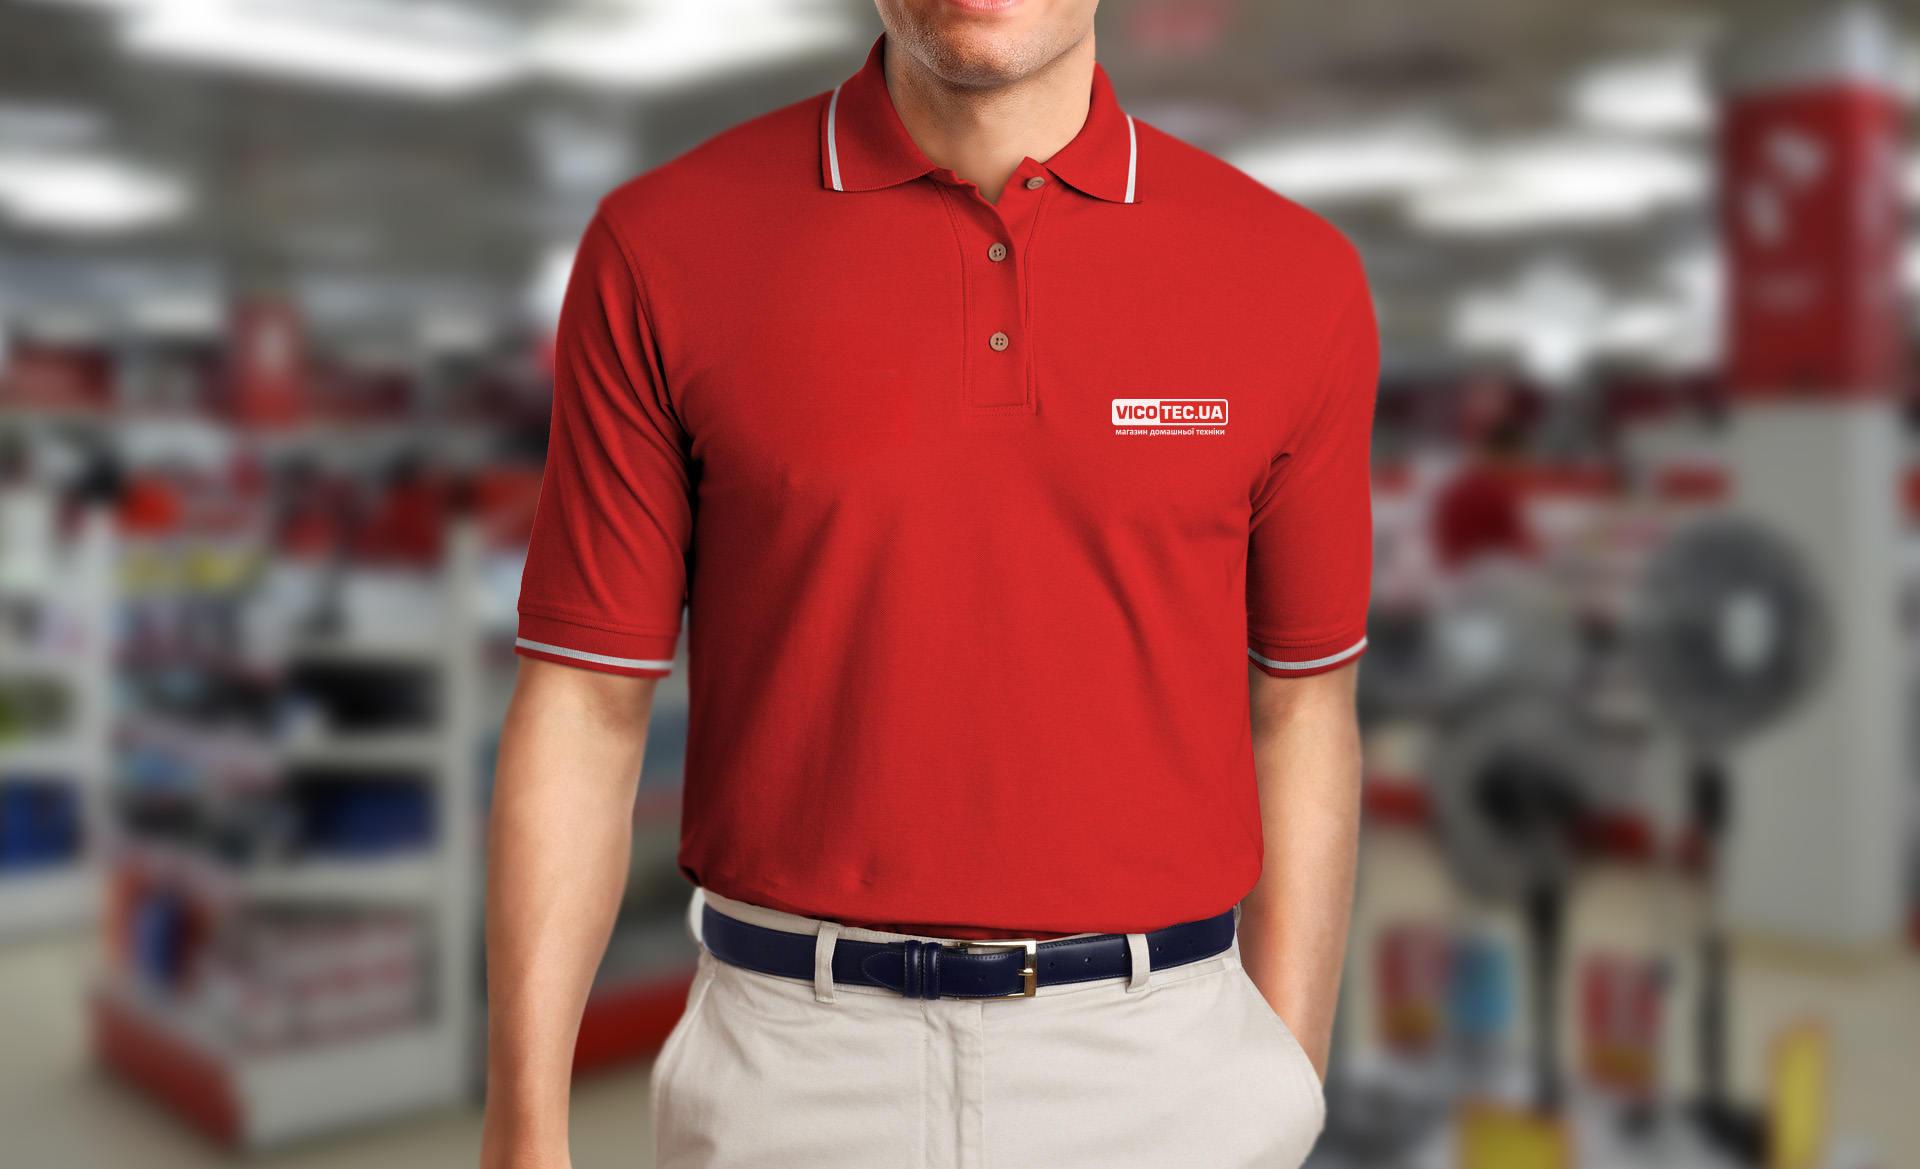 Дизайн корпоративной clothes для магазина бытовой техники